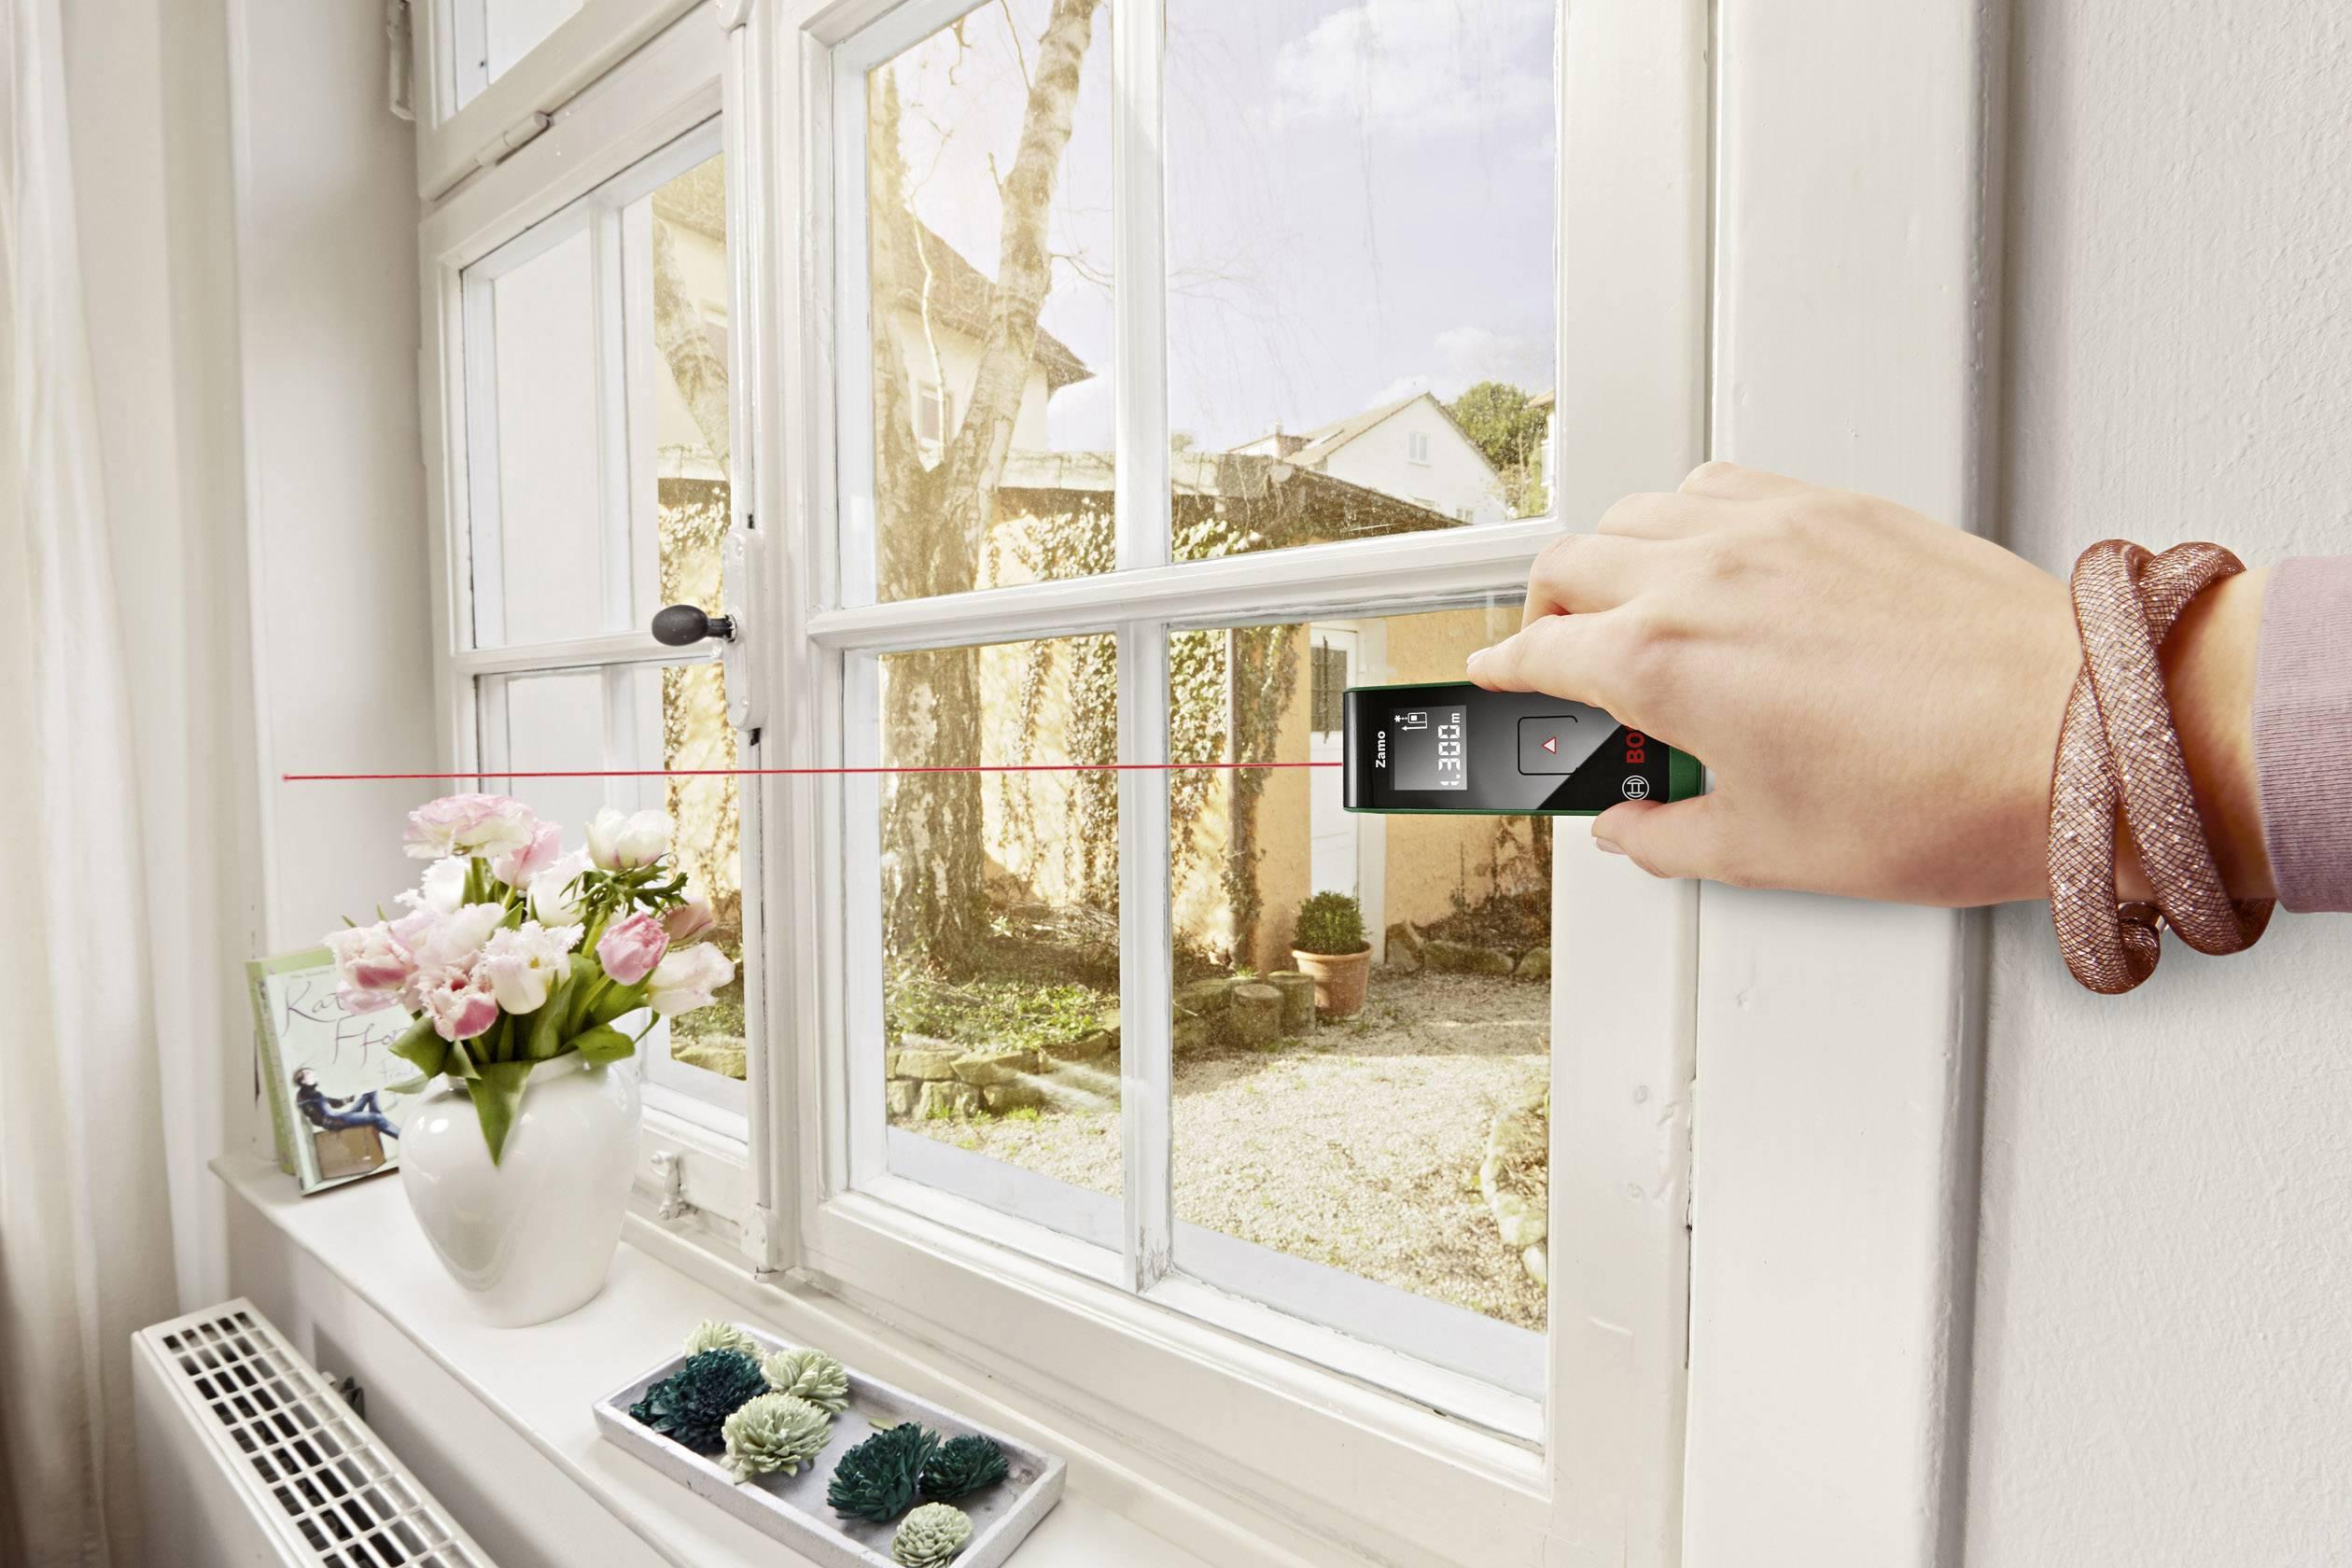 Bosch Laser Entfernungsmesser Zamo 2 Generation : Bosch home and garden zamo ii laser entfernungsmesser messbereich